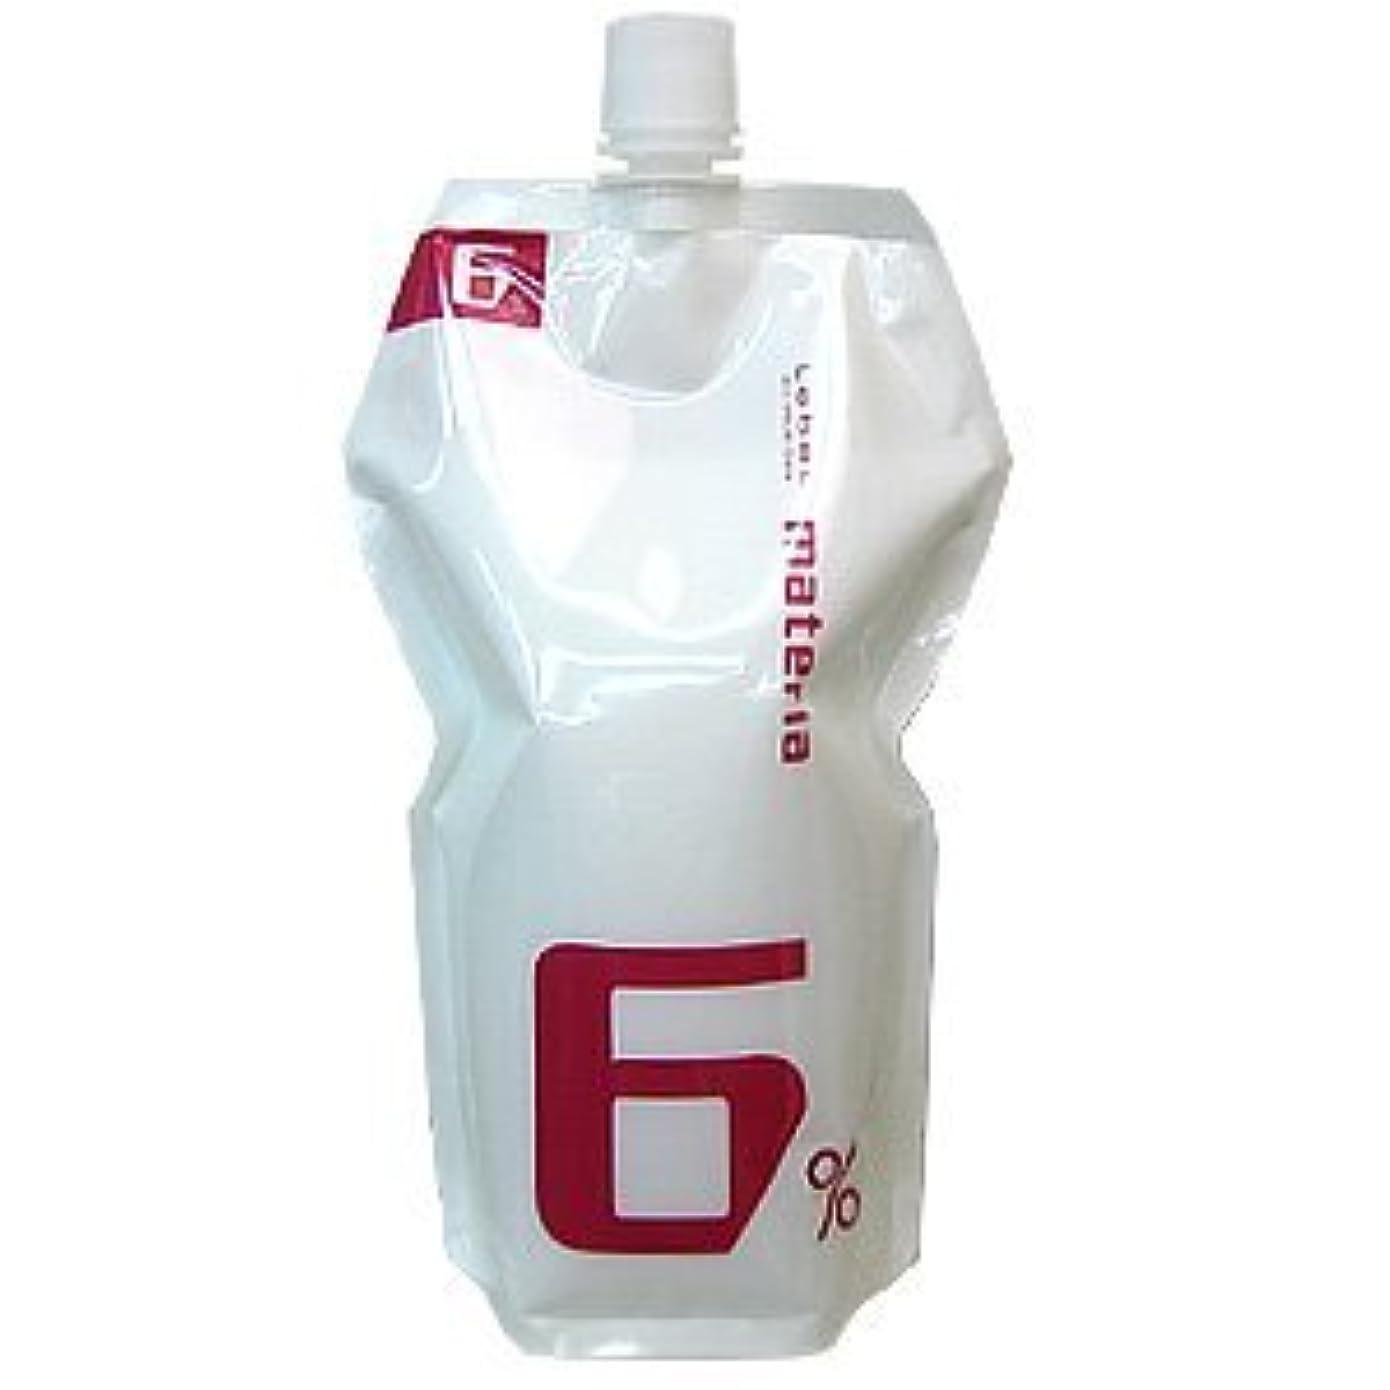 選ぶ乳白ボーナスルベル マテリア インテグラルライン オキシ 1000mL 6%(ヘアカラー2剤) 医薬部外品